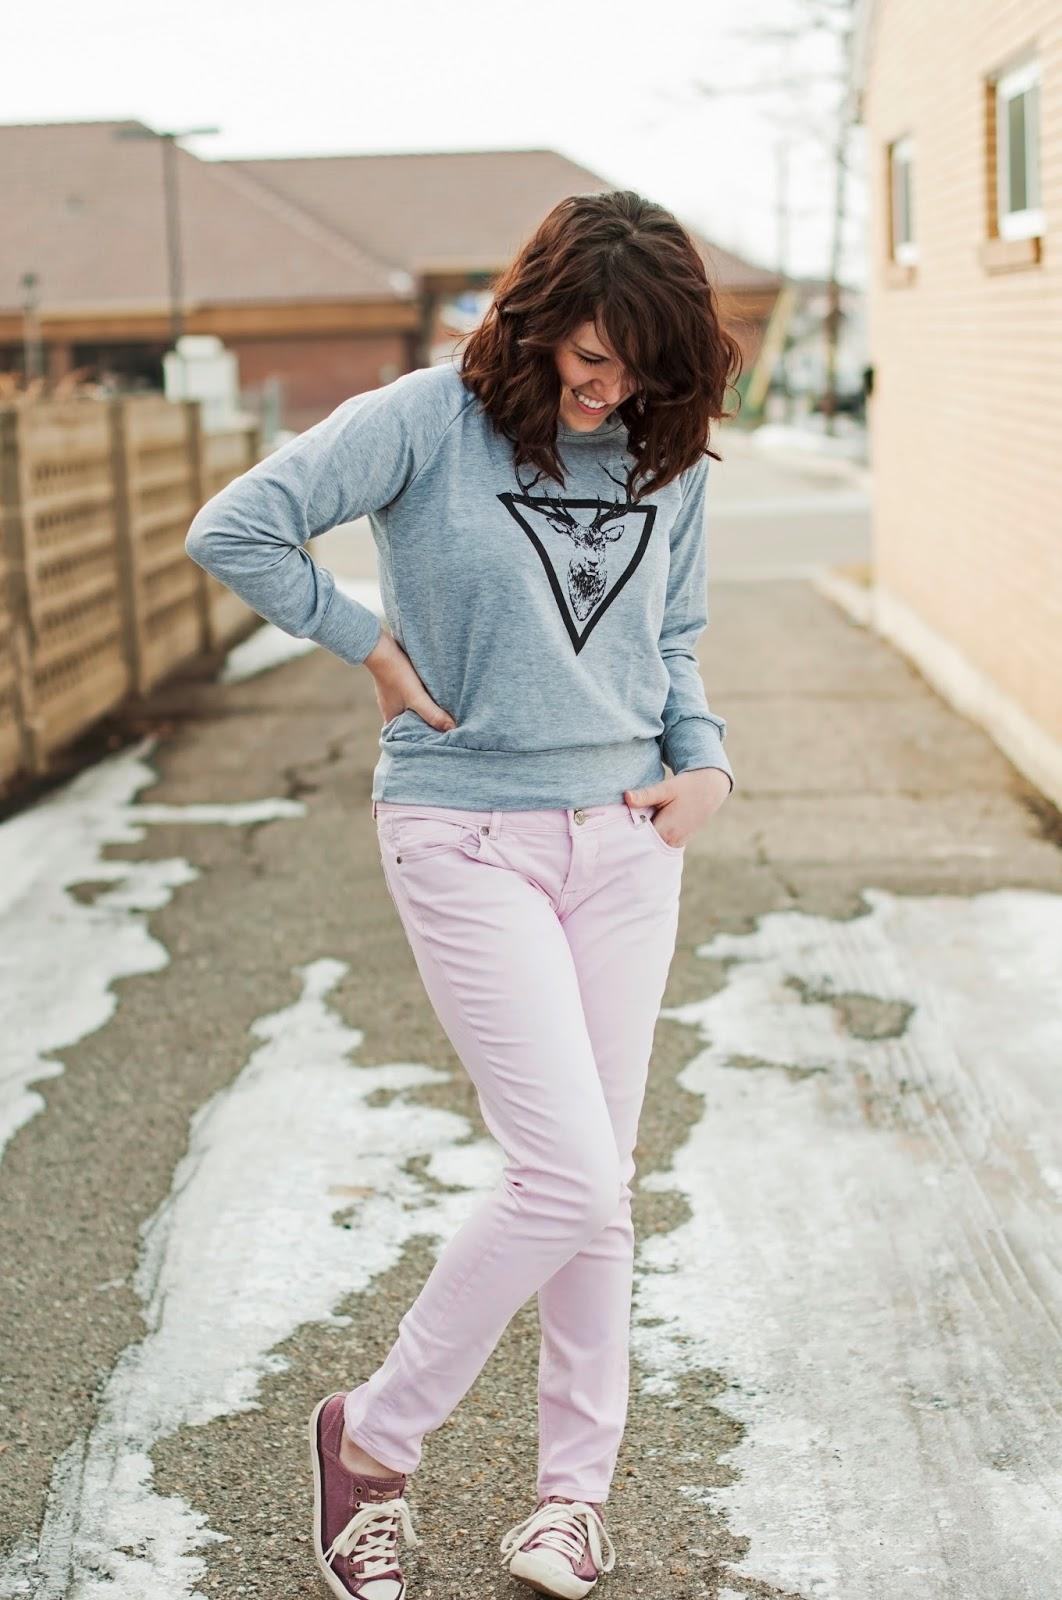 brickyard buffalo sweater & pink jeans